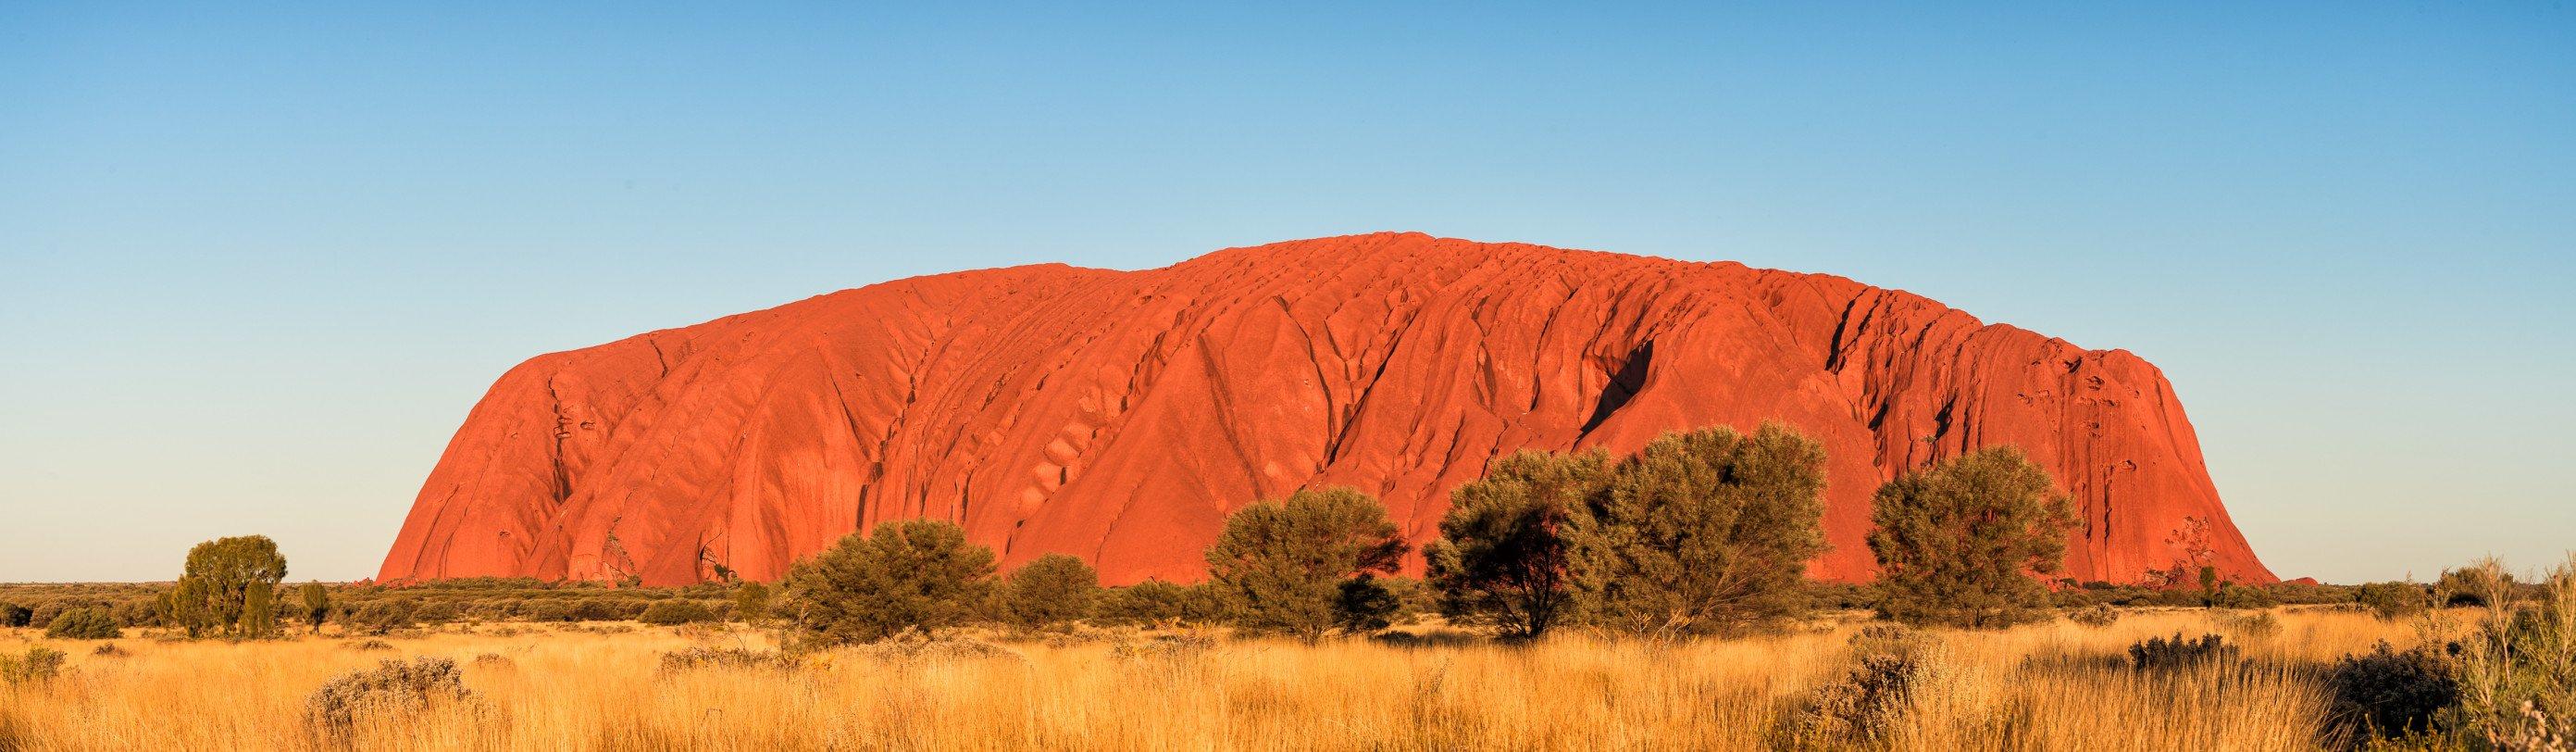 landschap Australie 8830